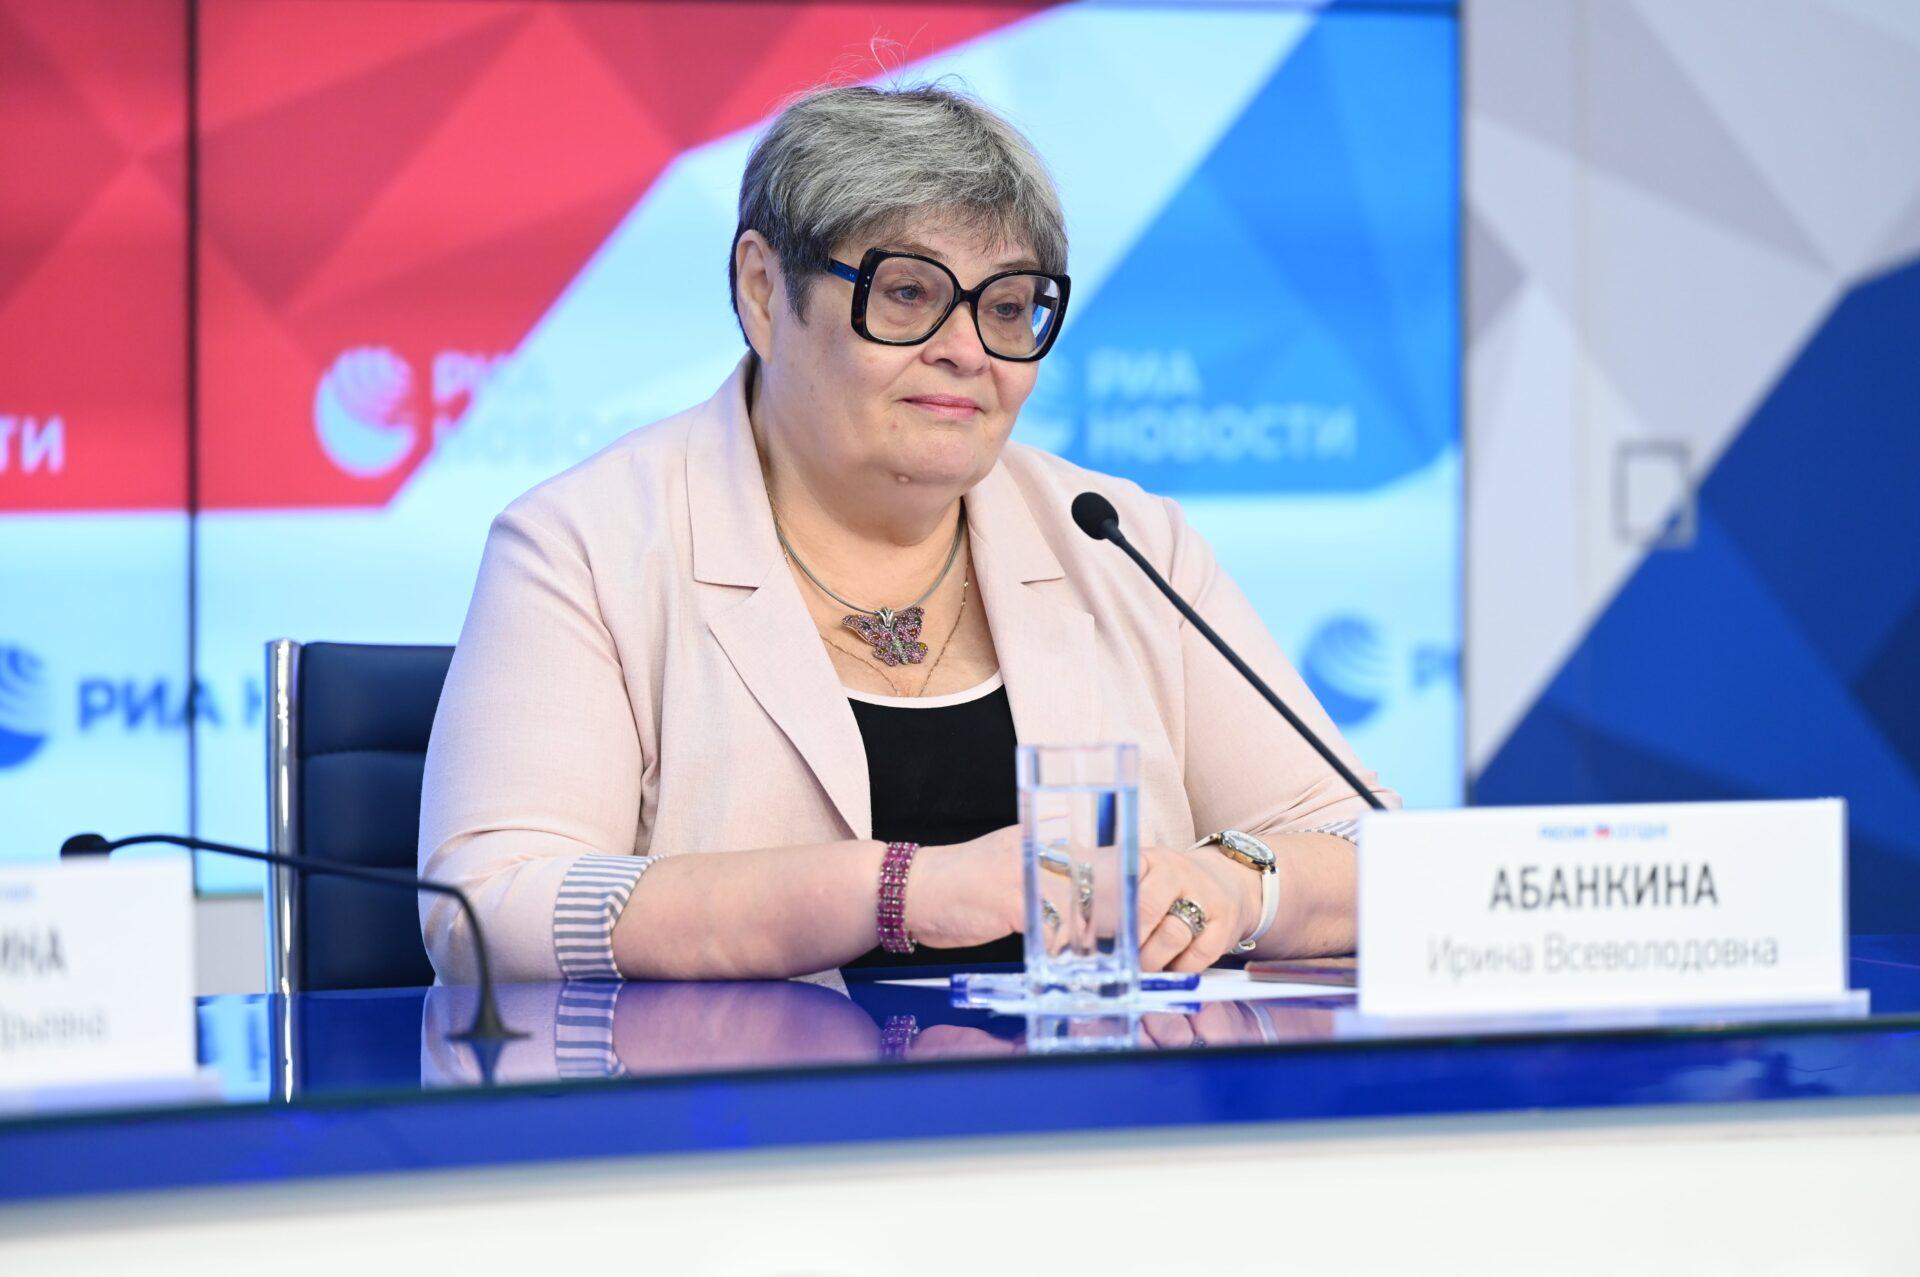 Обучение учителей личной эффективности: Ирина Абанкина рассказала о направлении «Проектная деятельность»